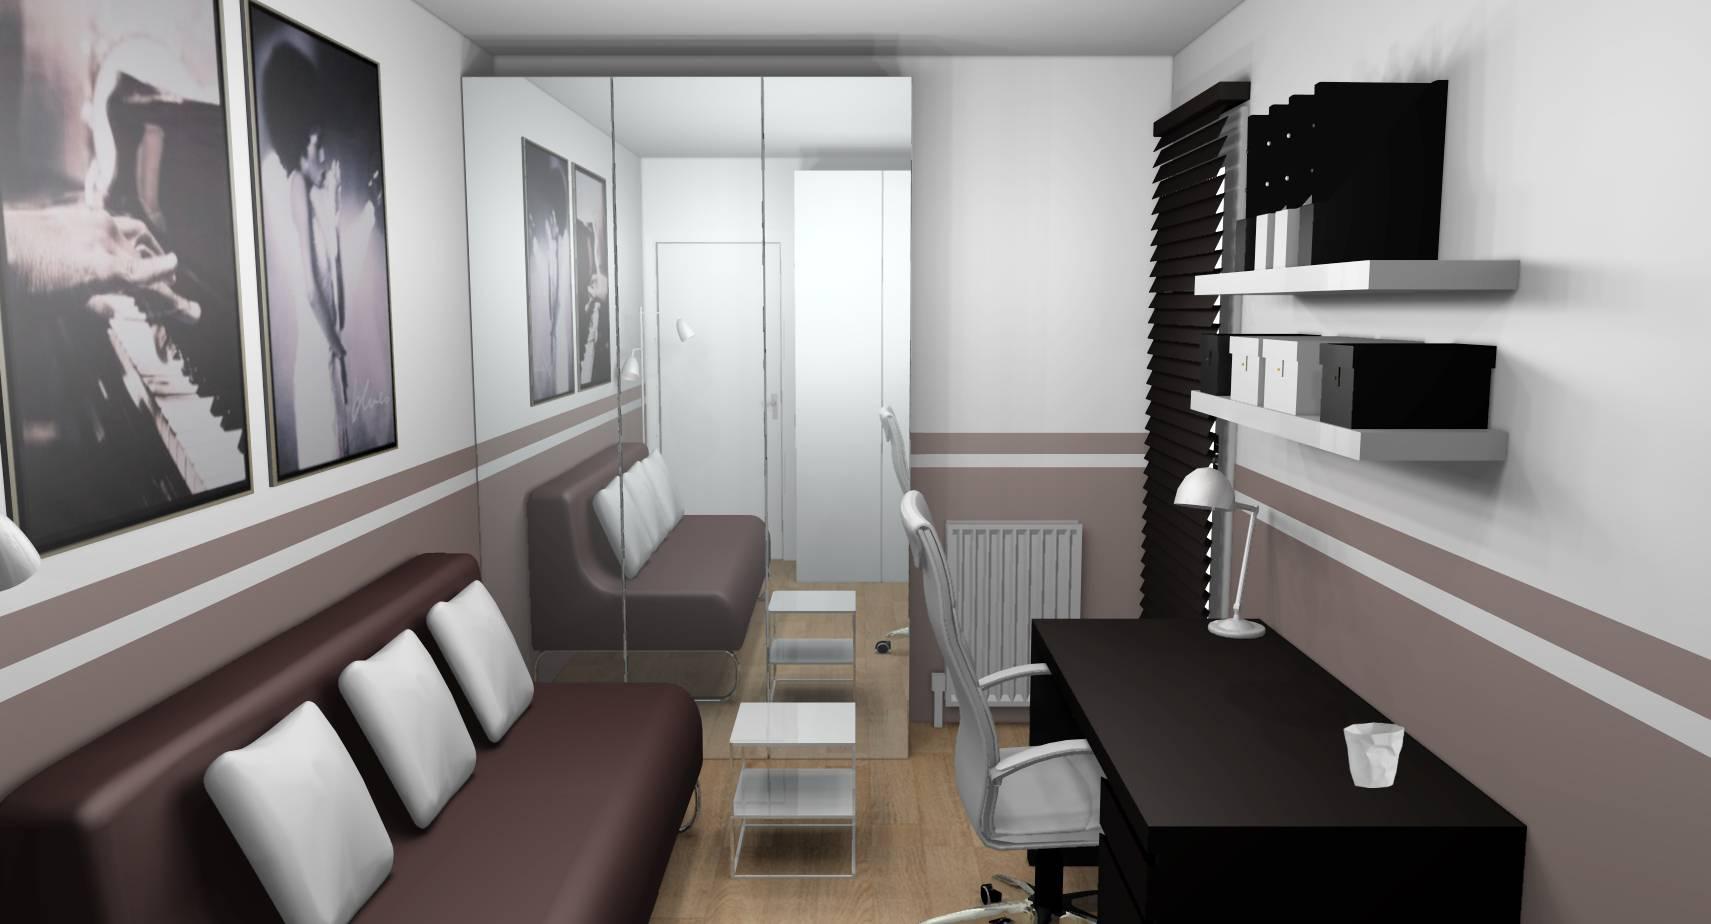 Deco Chambre Ami Bureau décoration d'intérieur d'une chambre d'amis - bureau à